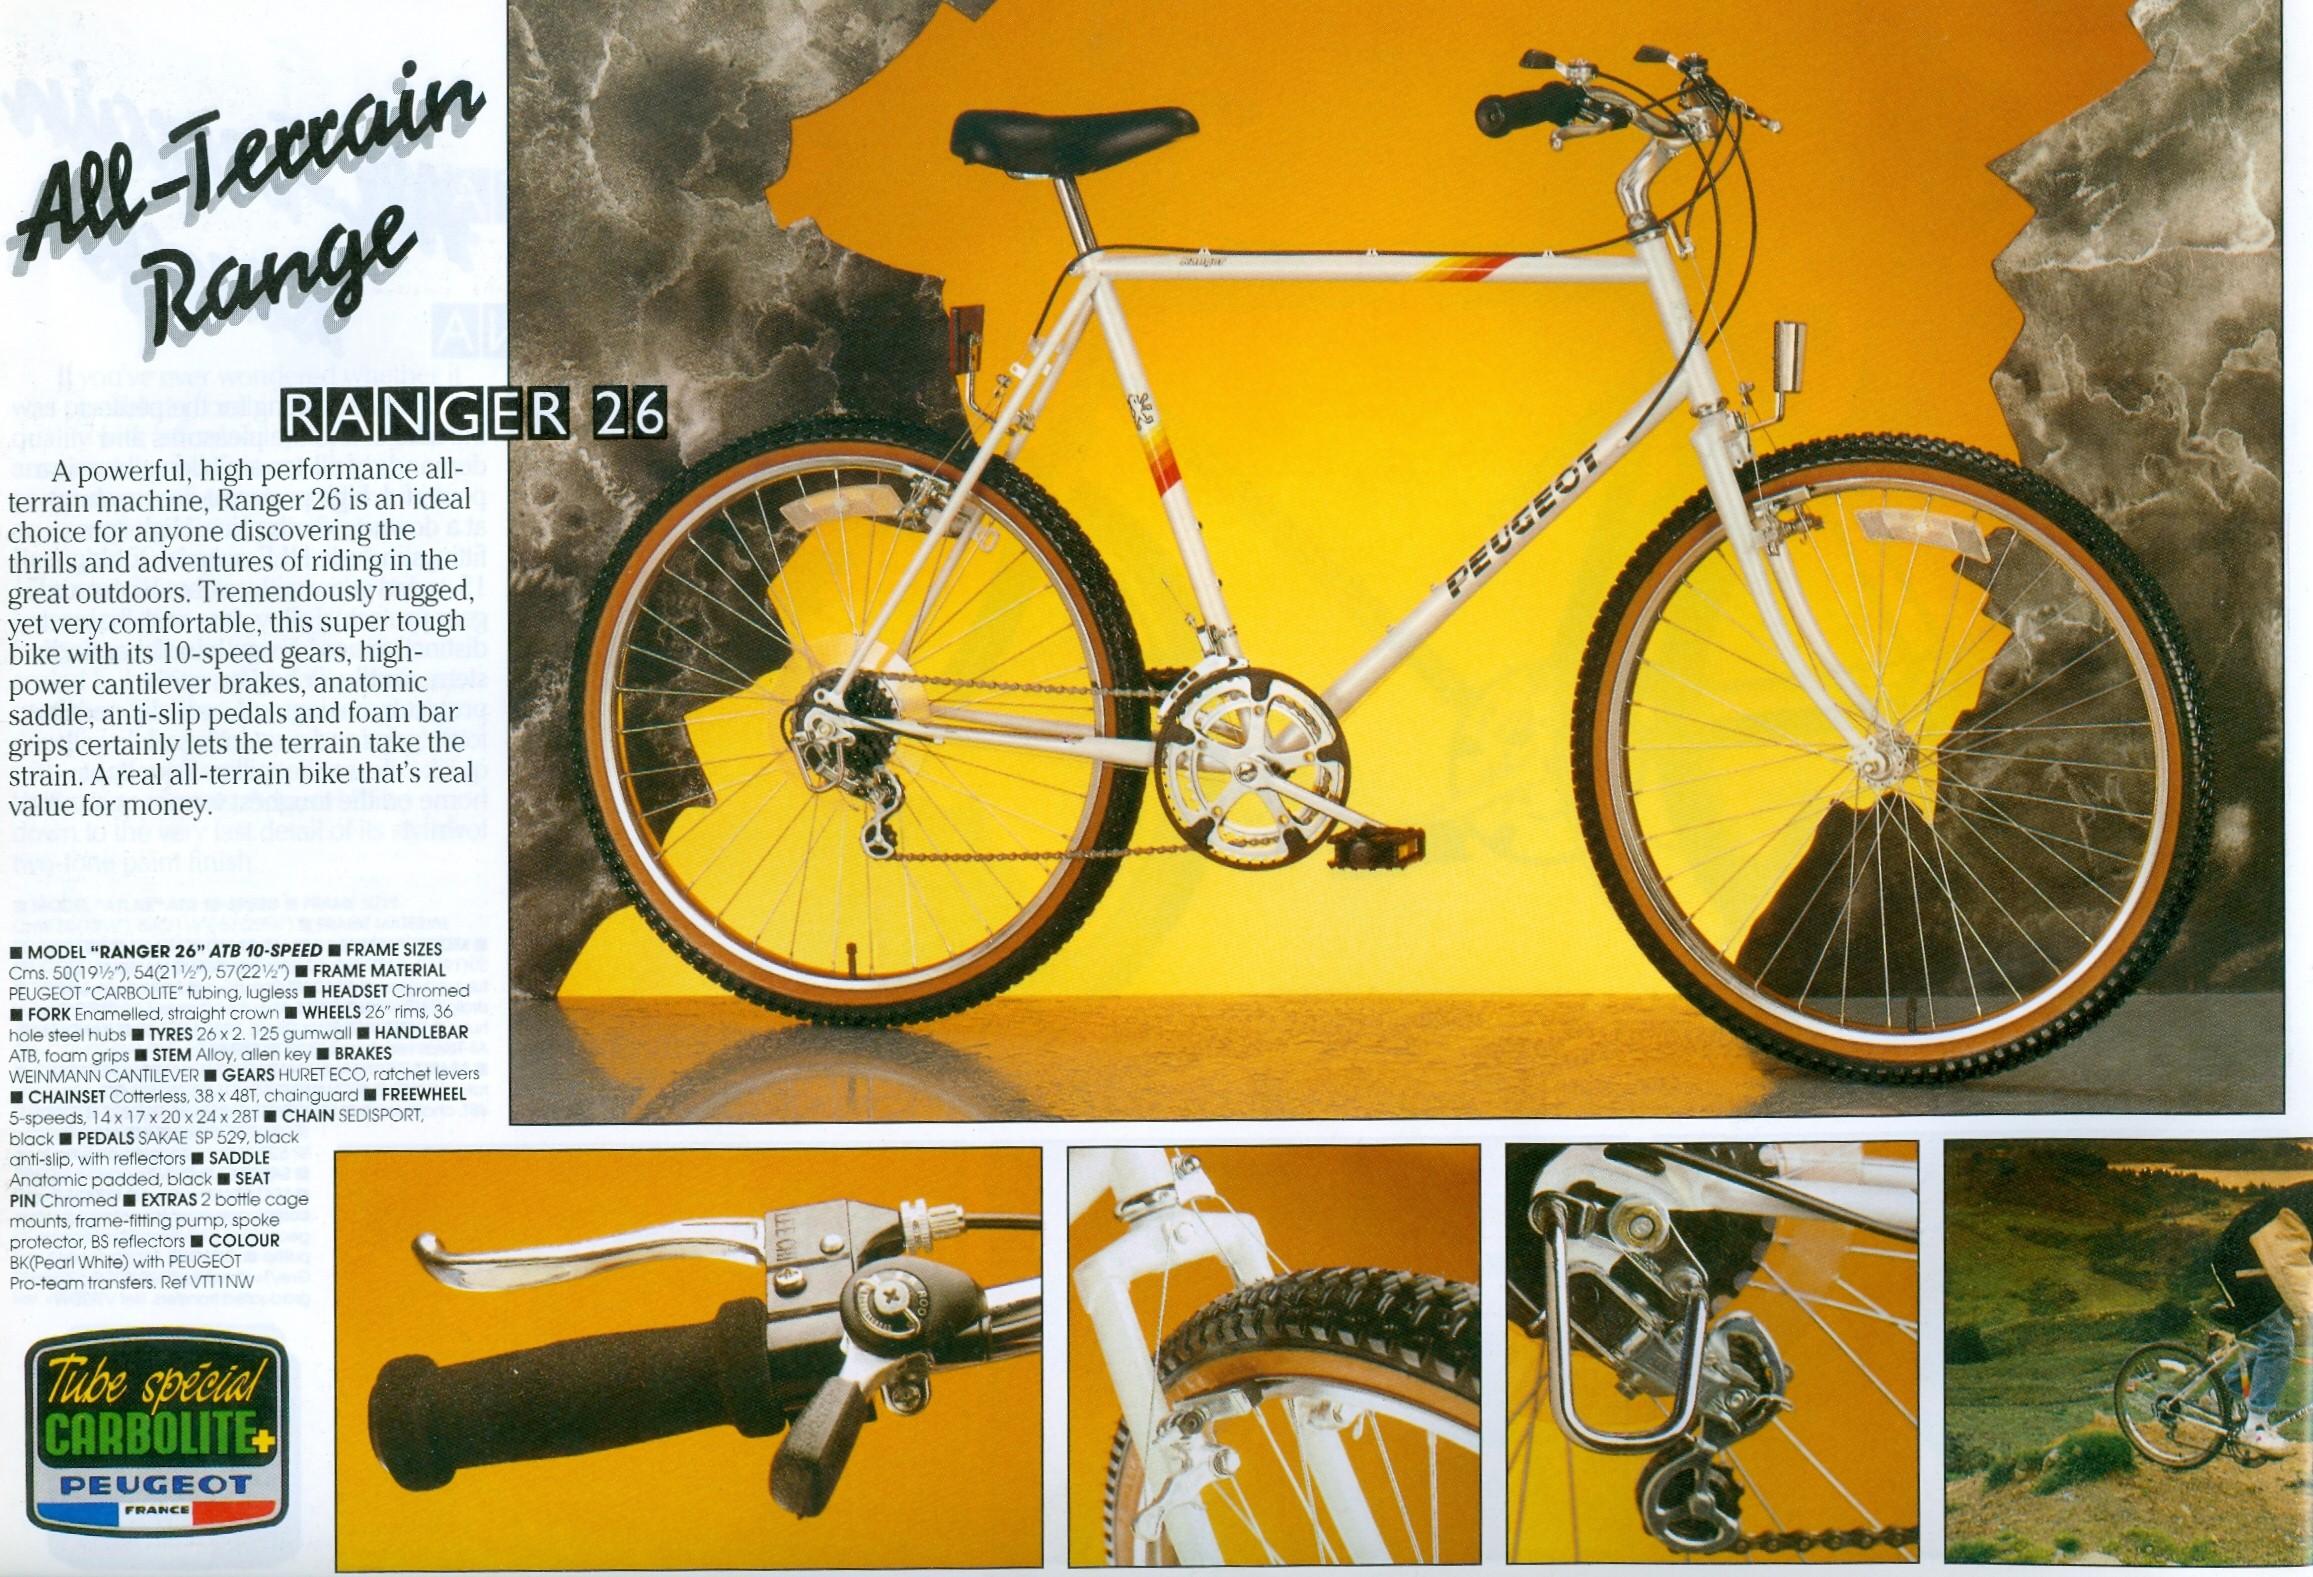 Uncharted Territory of Gumtree – Negative IQ Bike Stuff